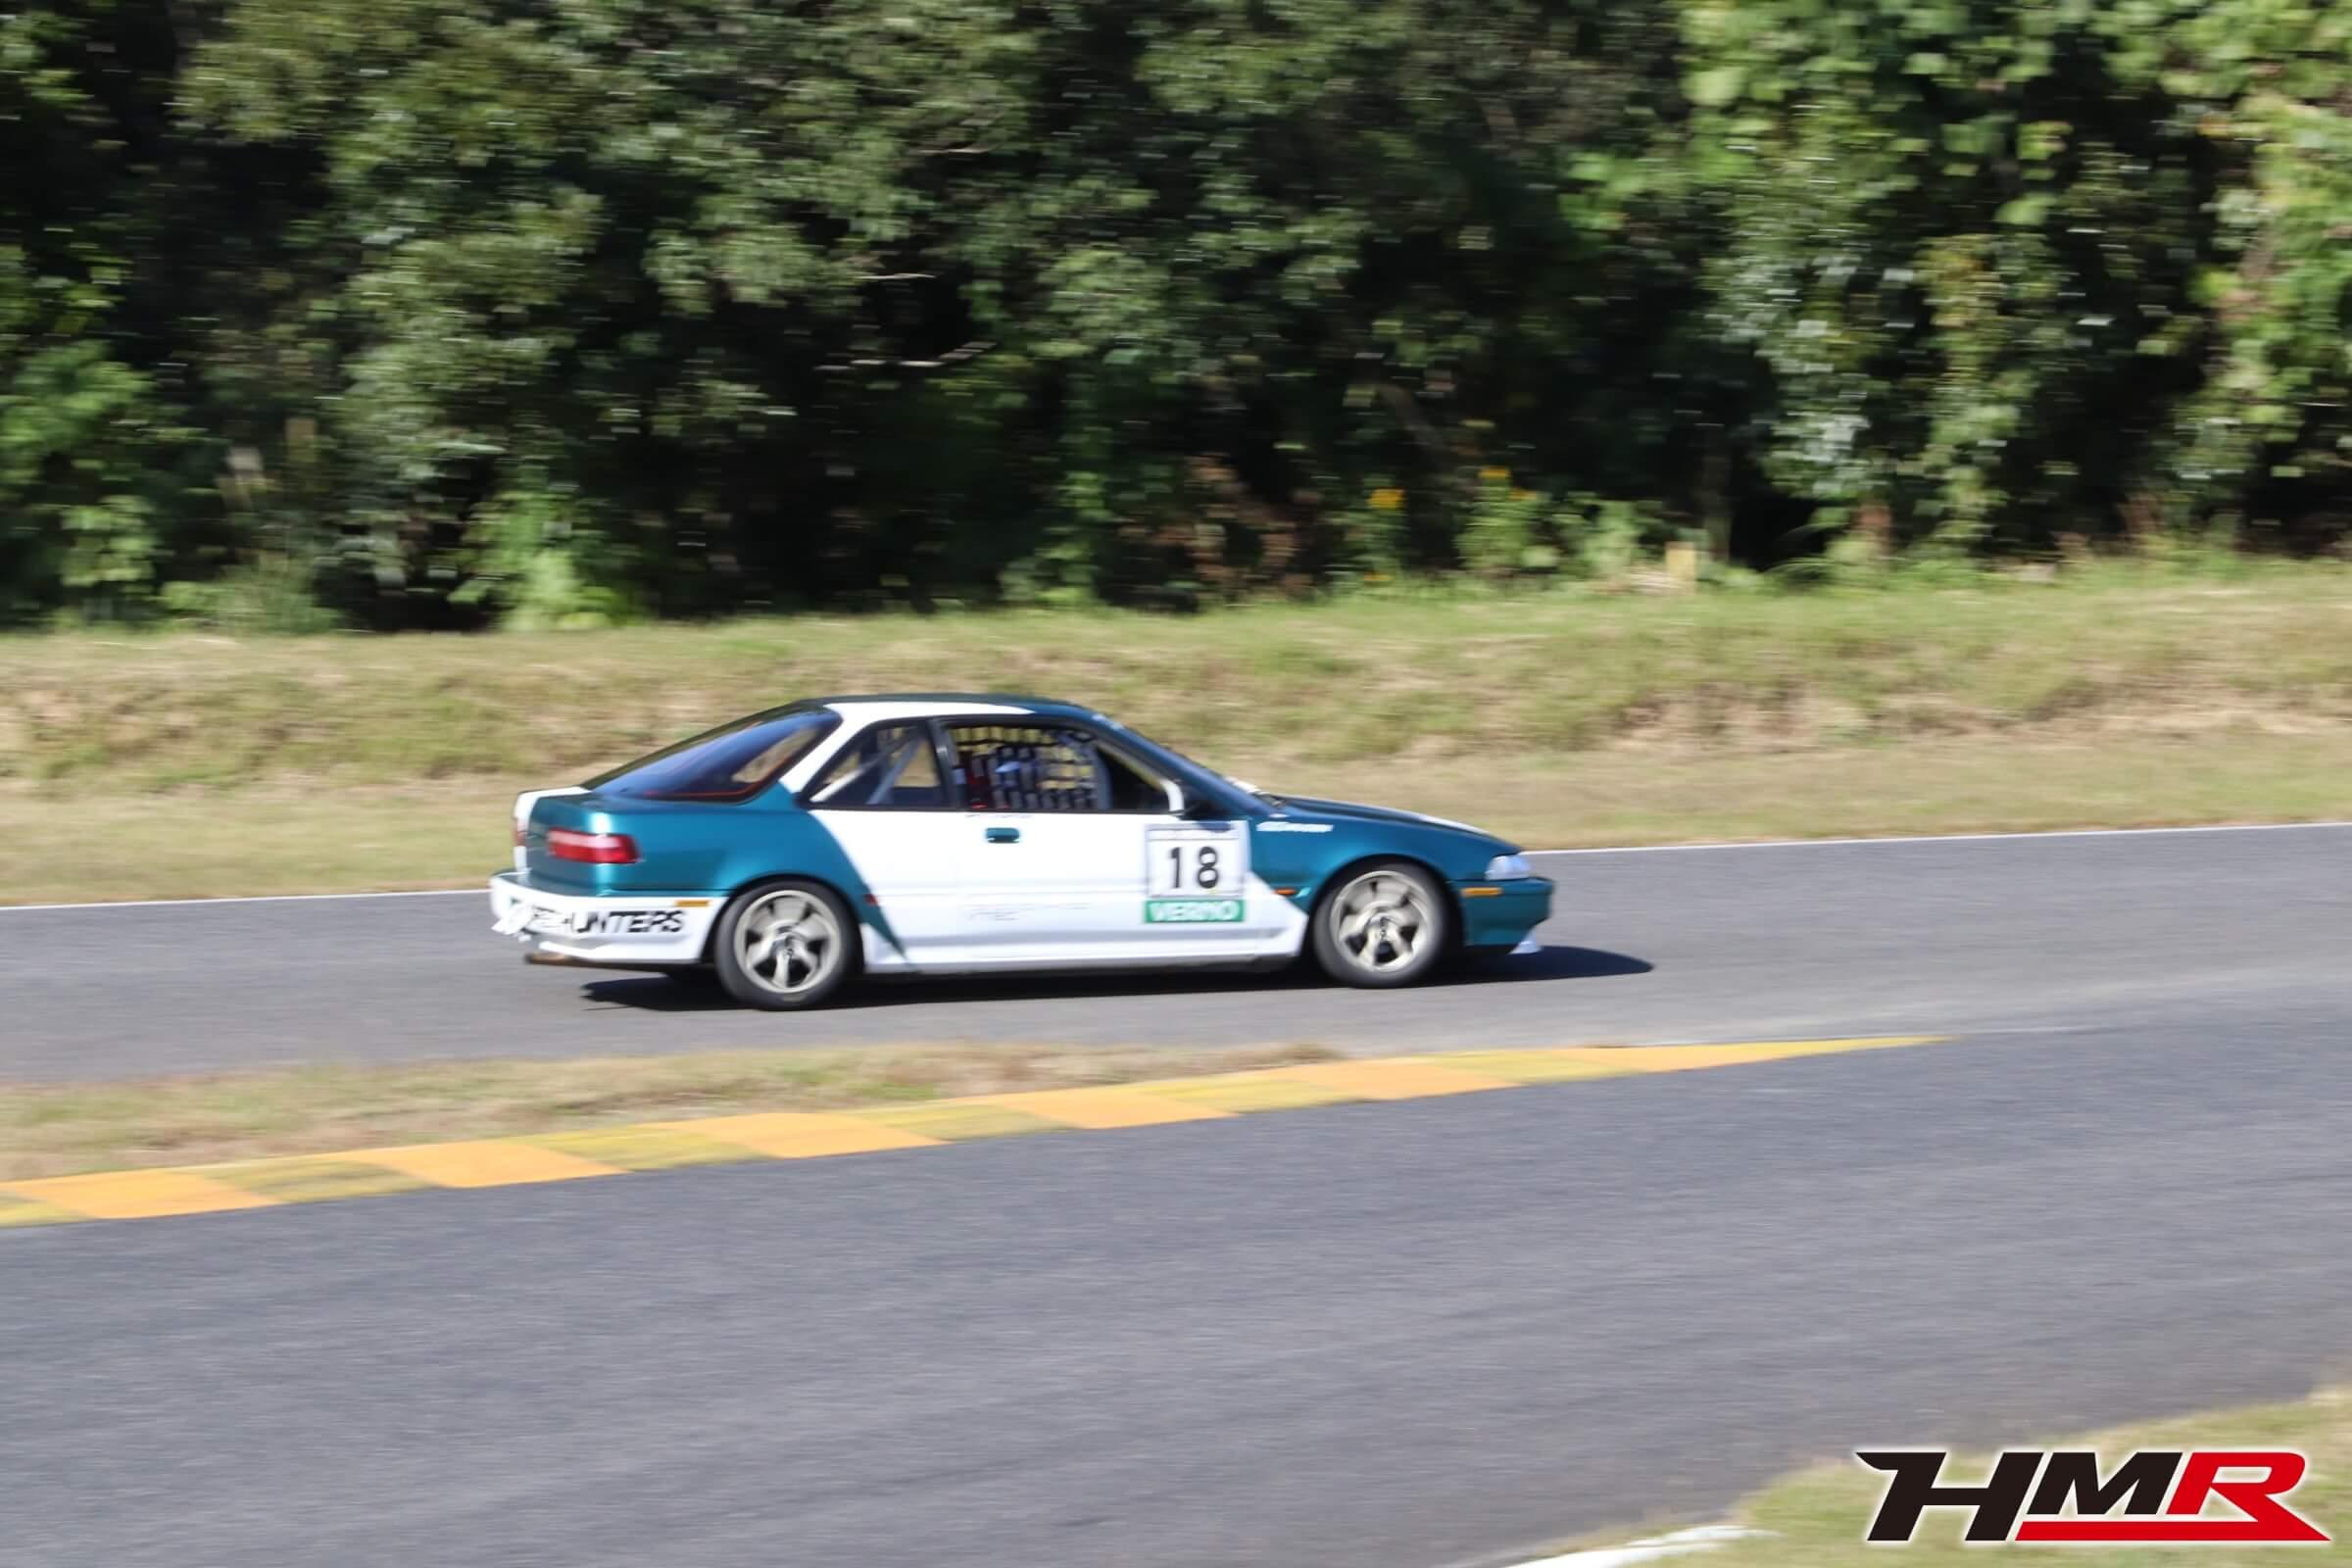 ホンダワンメイクレースROUND4鈴鹿ツイン